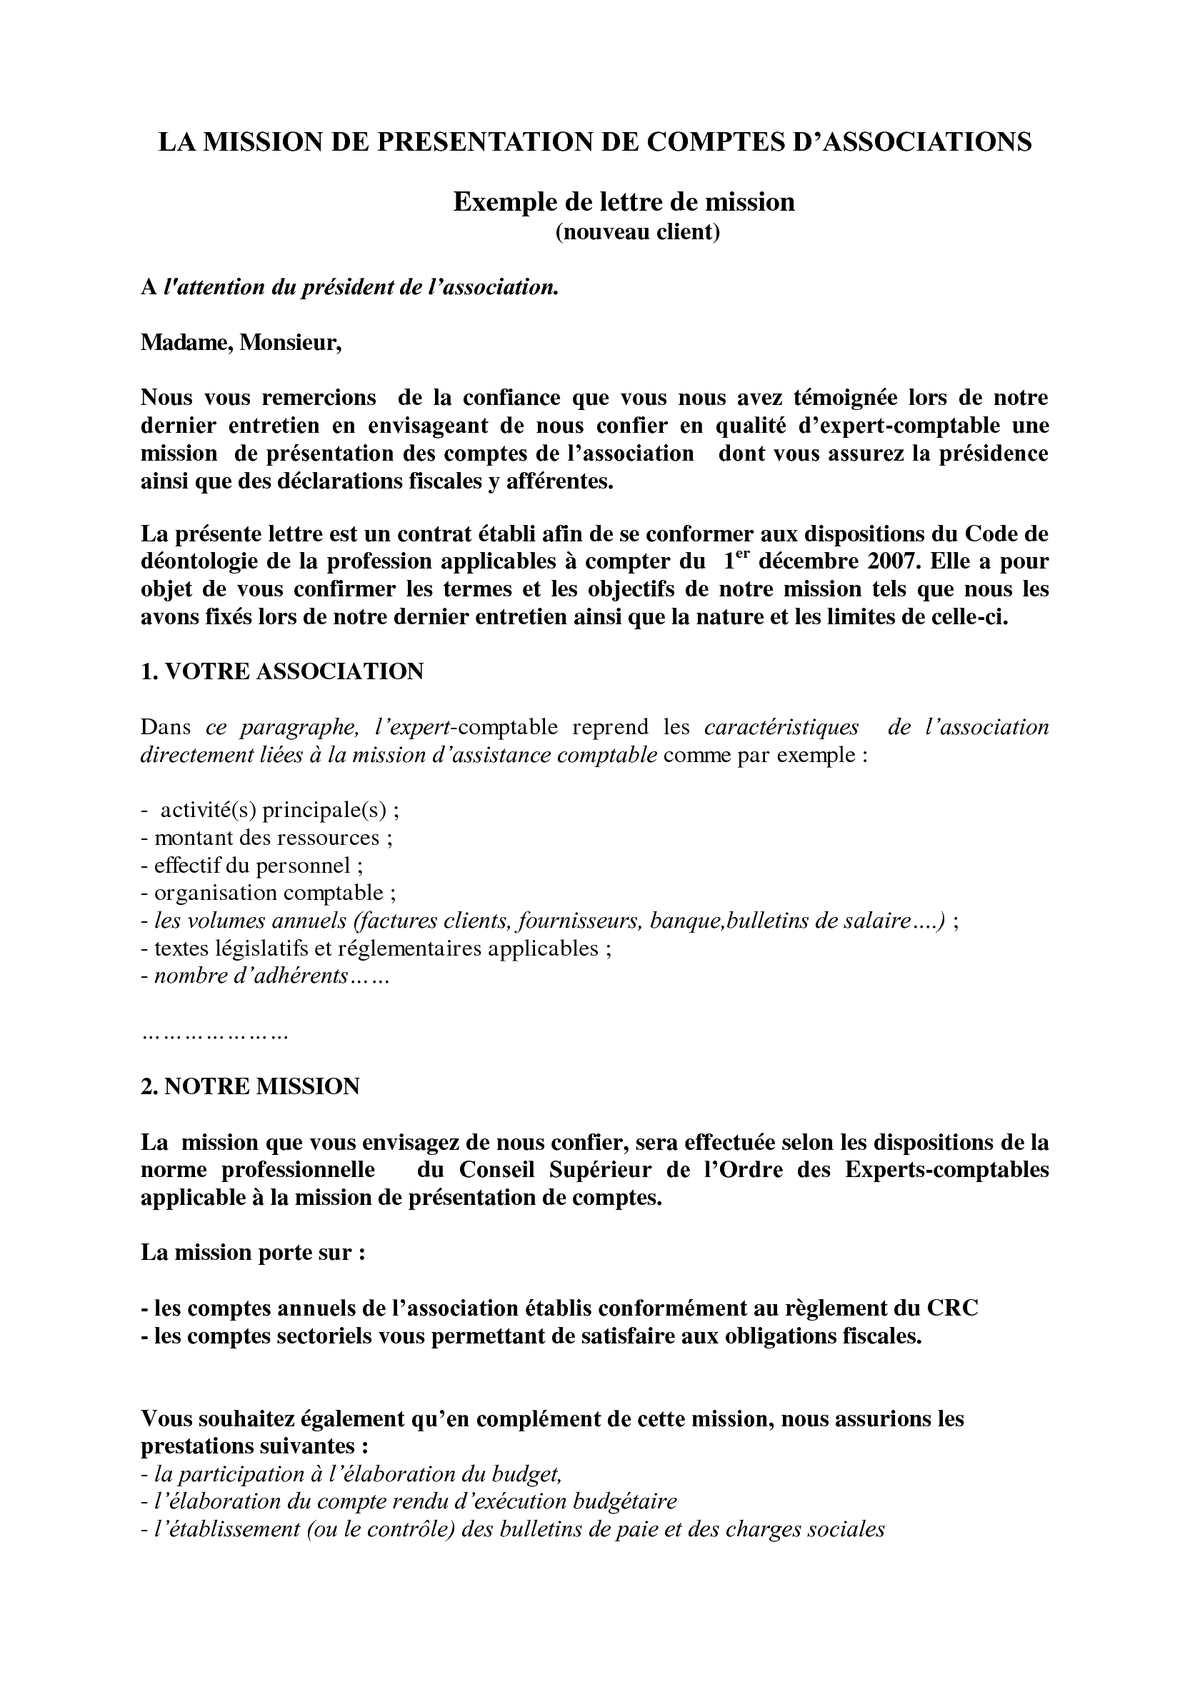 Lettre De Mission Expert Comptable Exemple - Exemple de Groupes